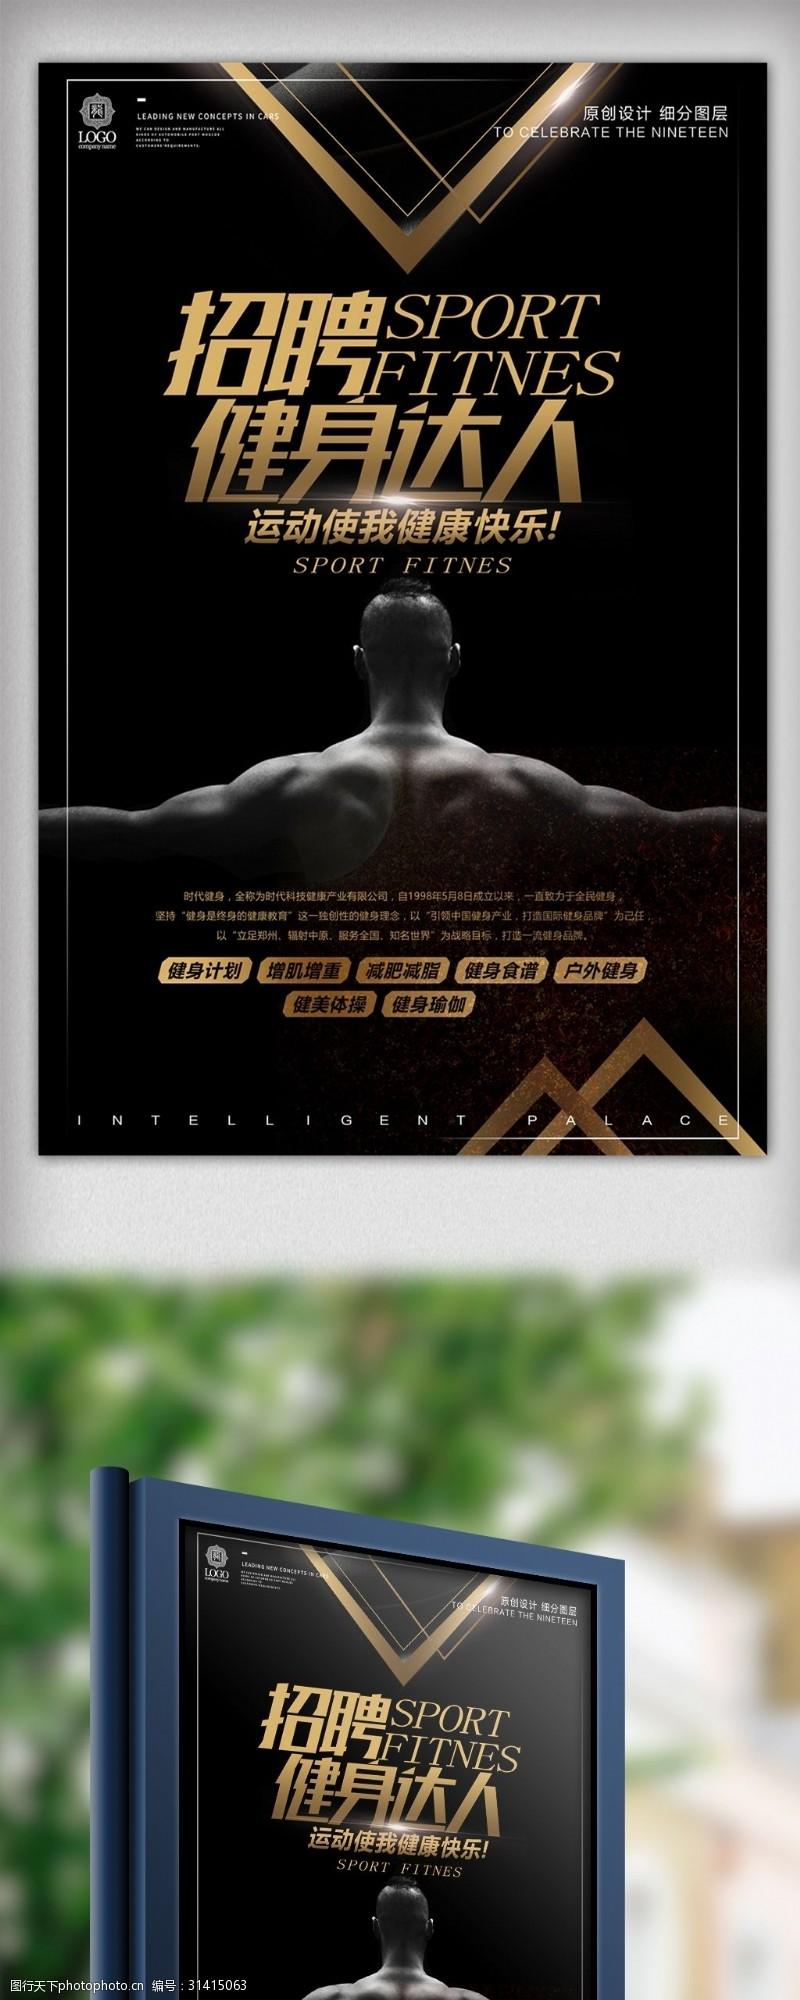 健身所酷炫黑金招聘健身达人宣传促销海报